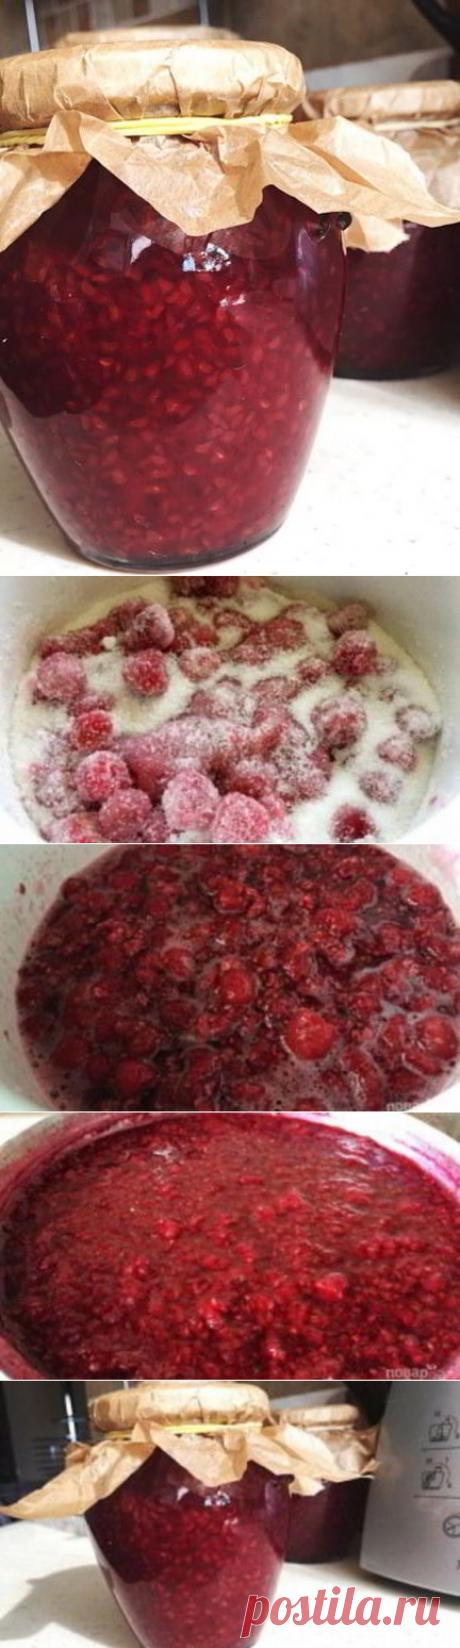 Варенье с малиной — Пошаговый Кулинарный Рецепт Приготовления Варенья с Фото